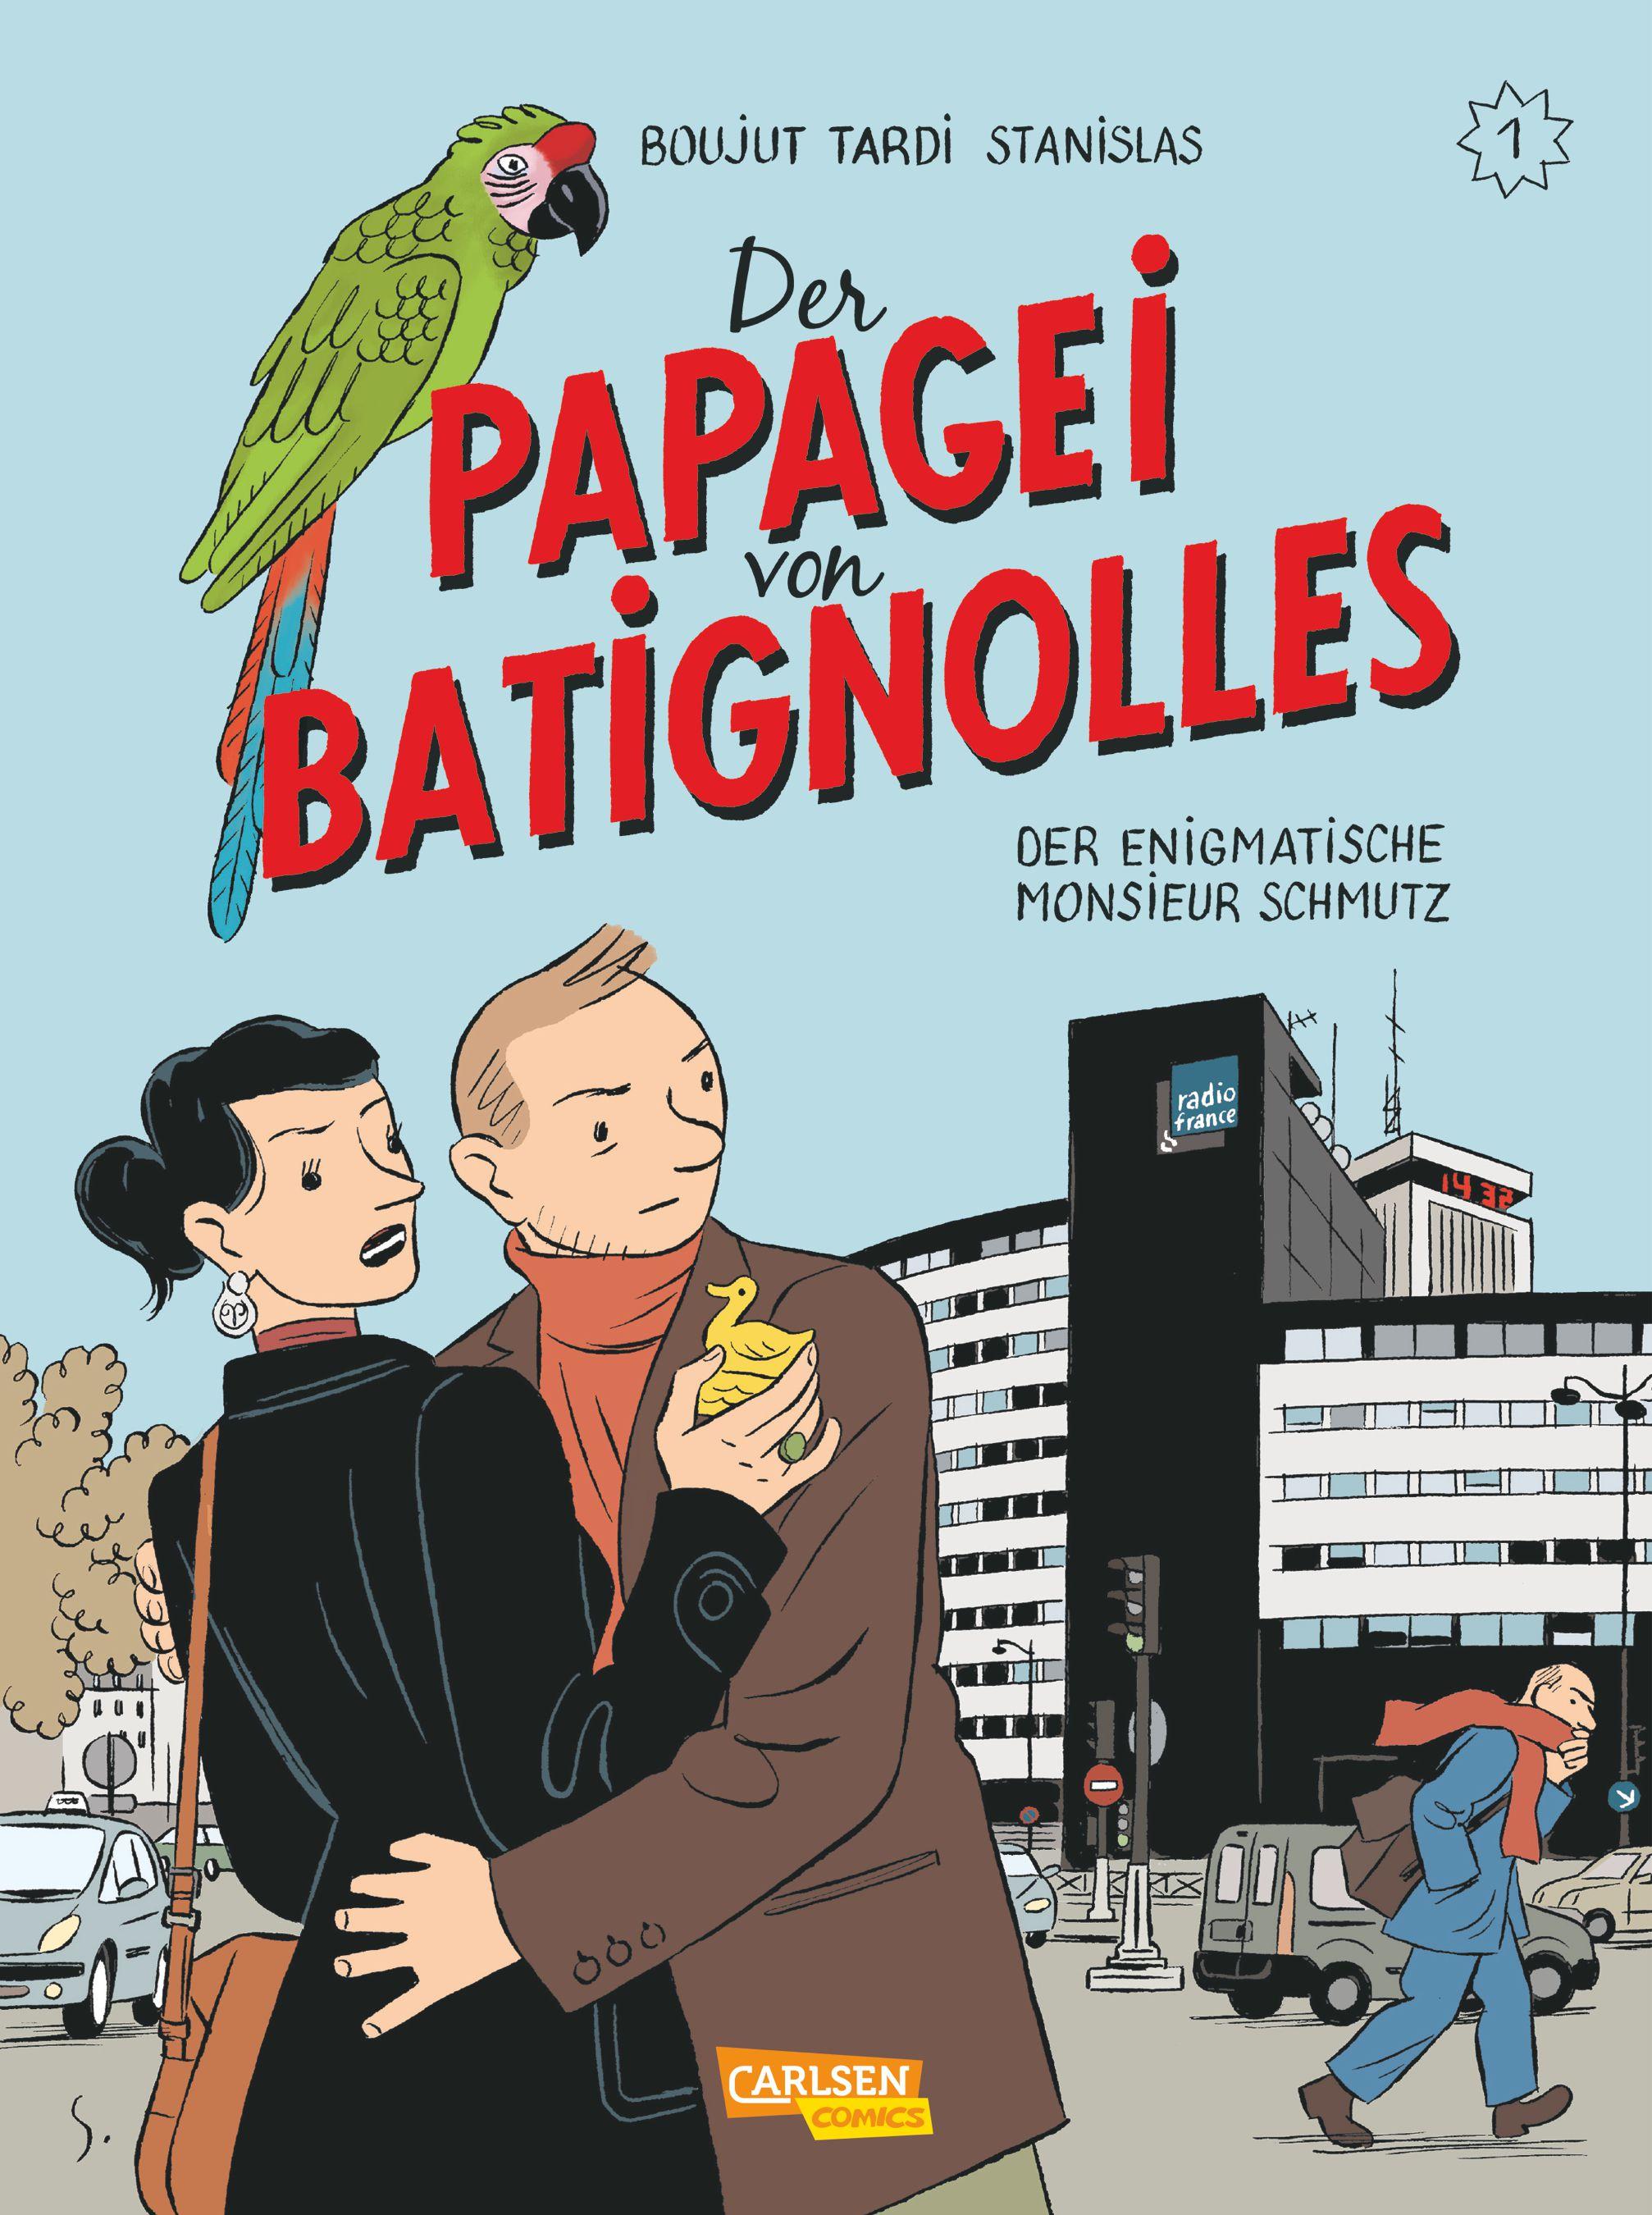 NEU-Der-Papagei-von-Batignolles-Der-enigmatische-Monsieur-Schmutz-M-726933